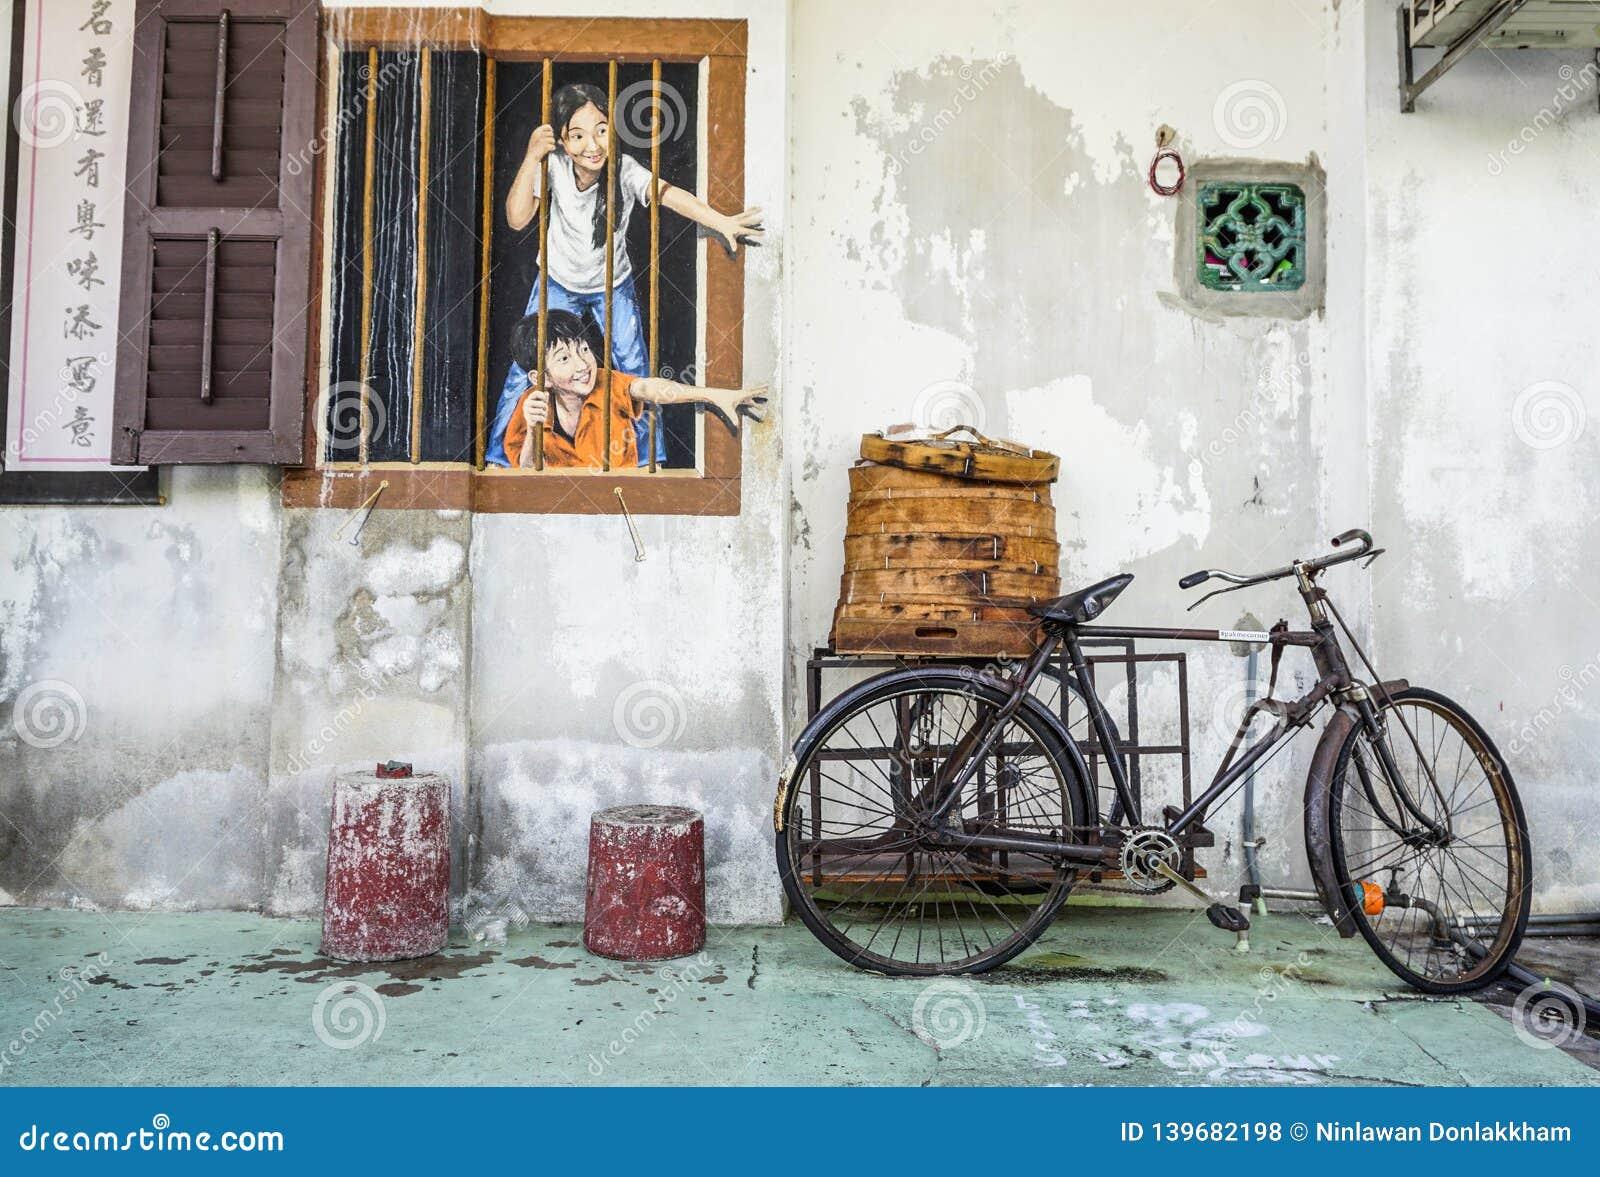 Penang Street Art, Georgetown Attractions